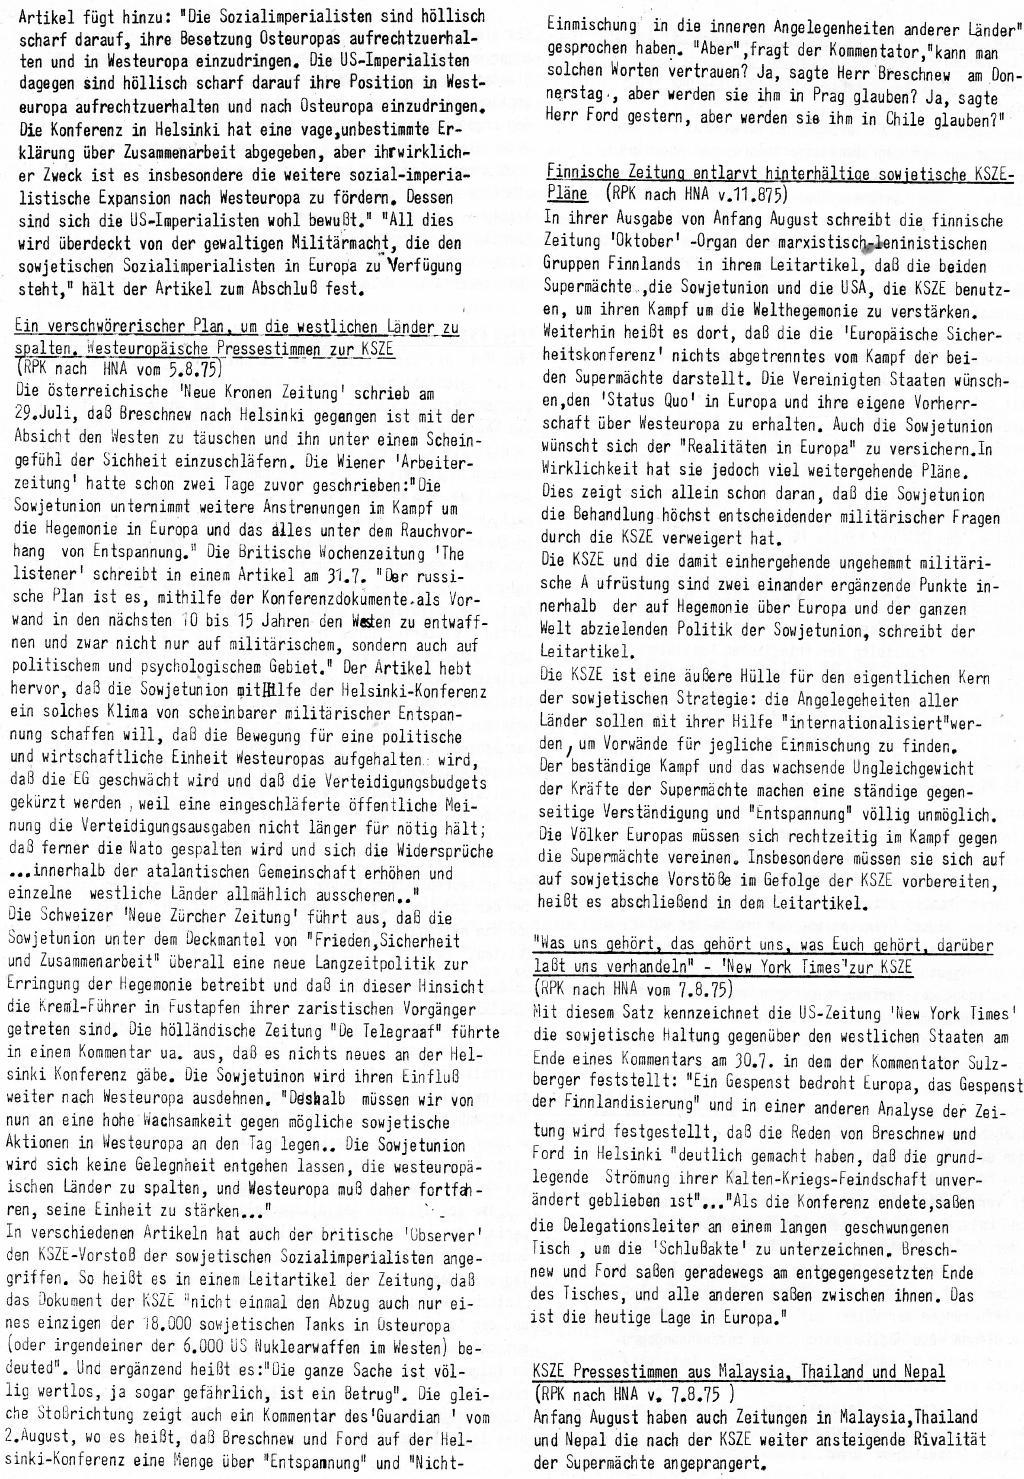 RPK_Pressedienst_1975_40_10